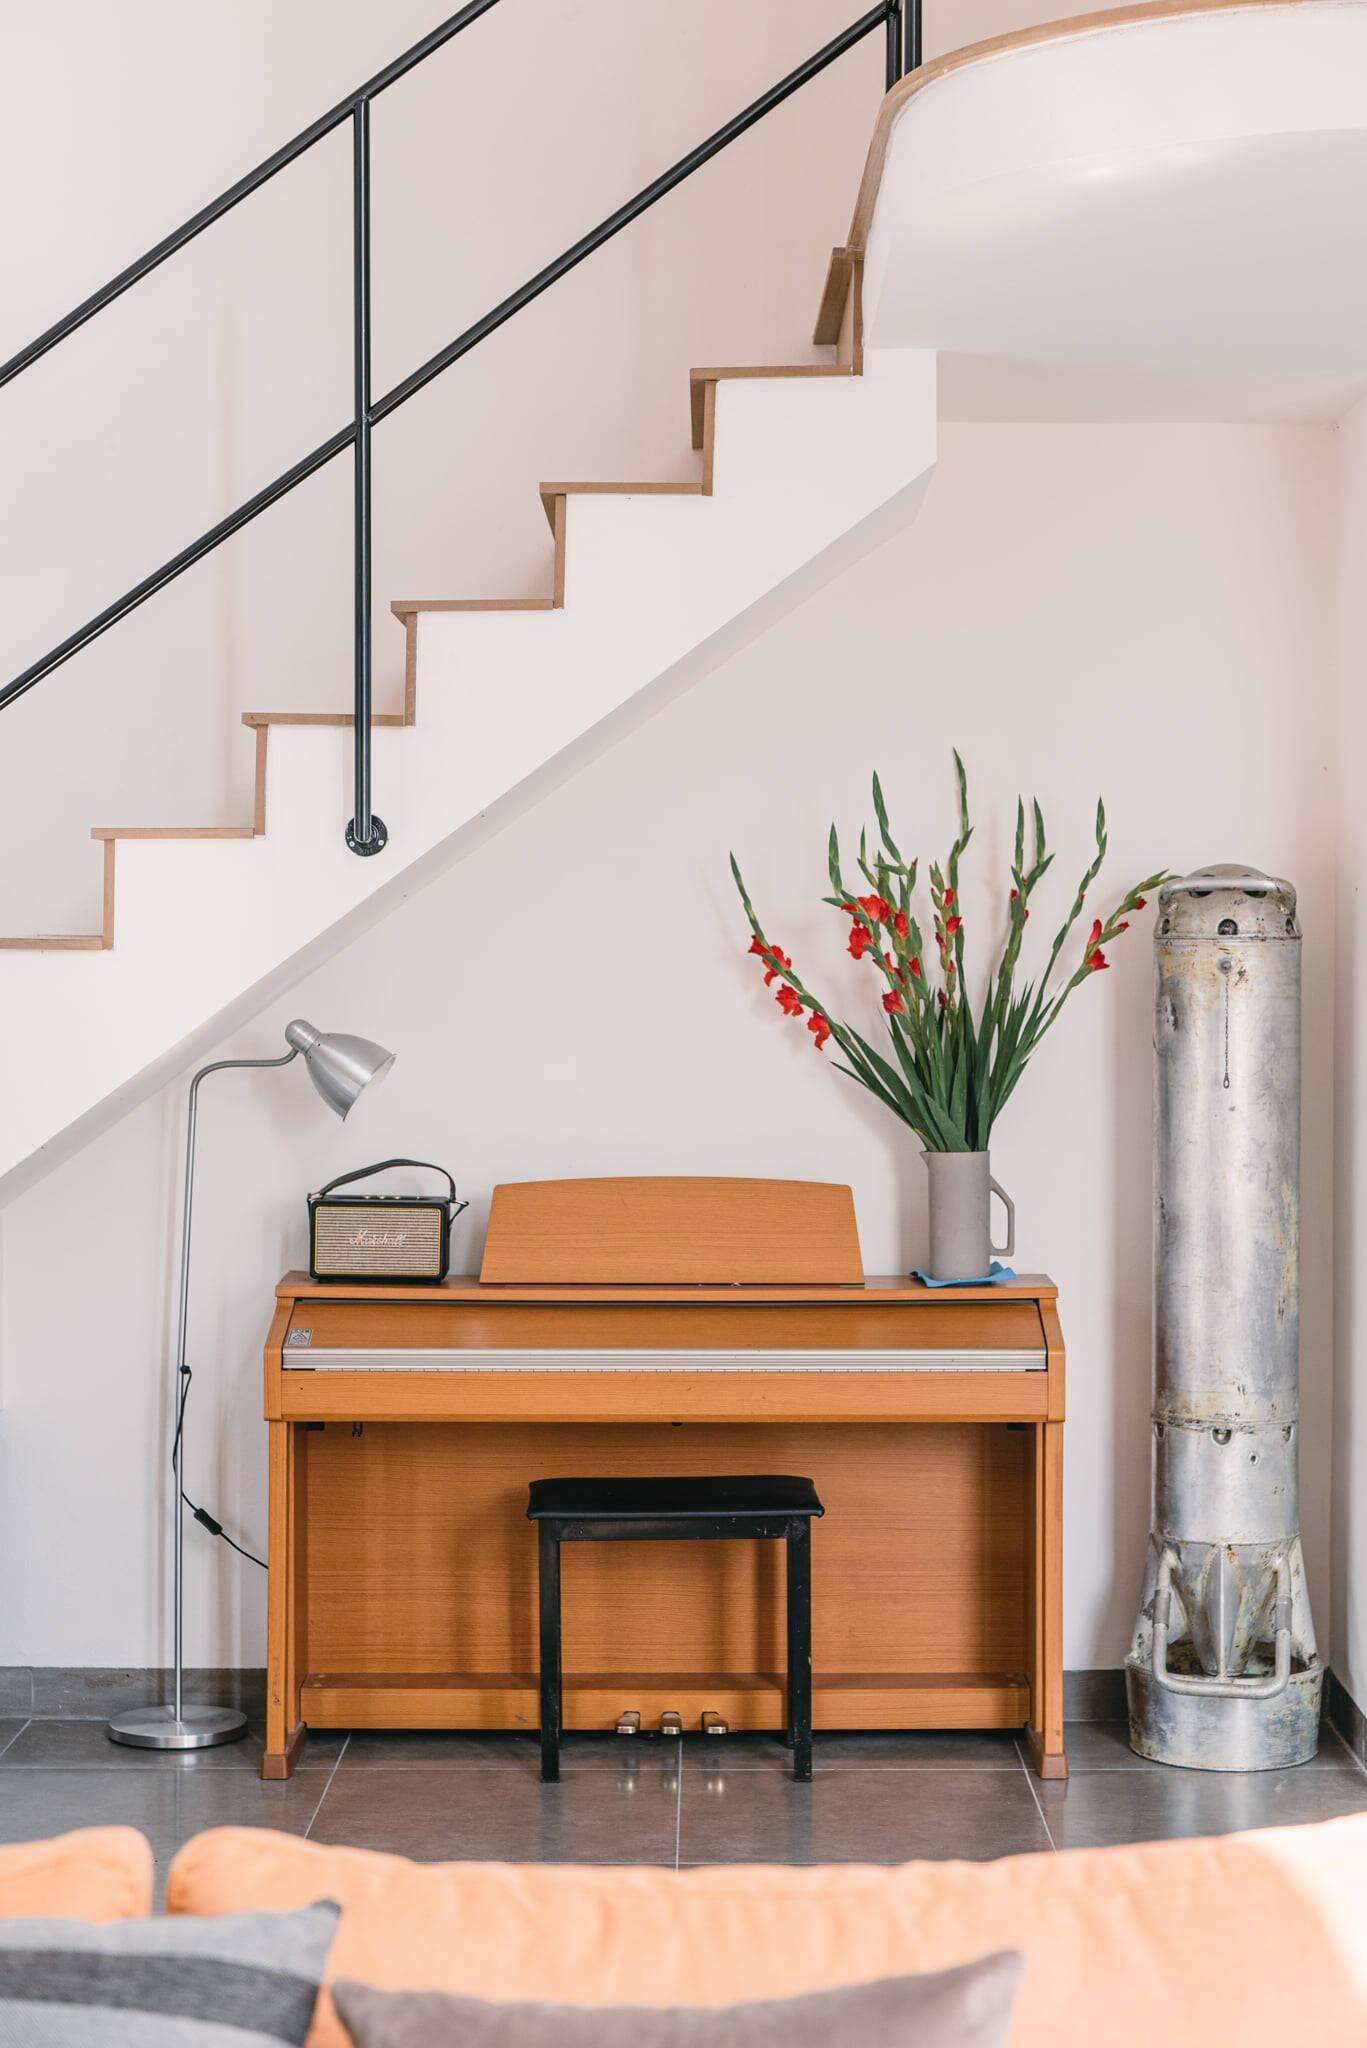 Khu vực giải trí với đàn piano cùng các đồ vật trang trí yêu thích của gia chủ